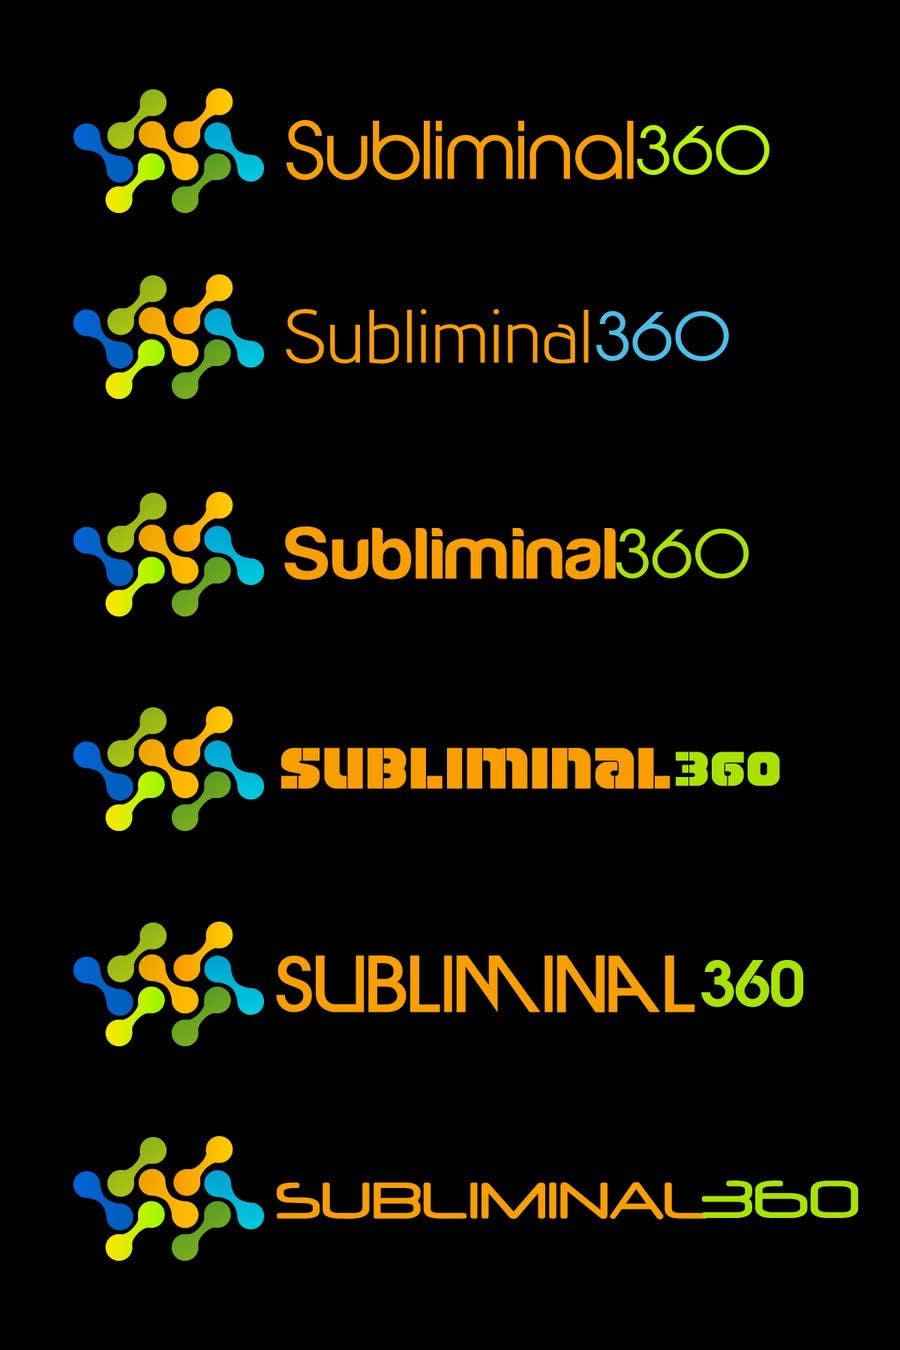 Konkurrenceindlæg #64 for Design a Logo for Inspirational Product